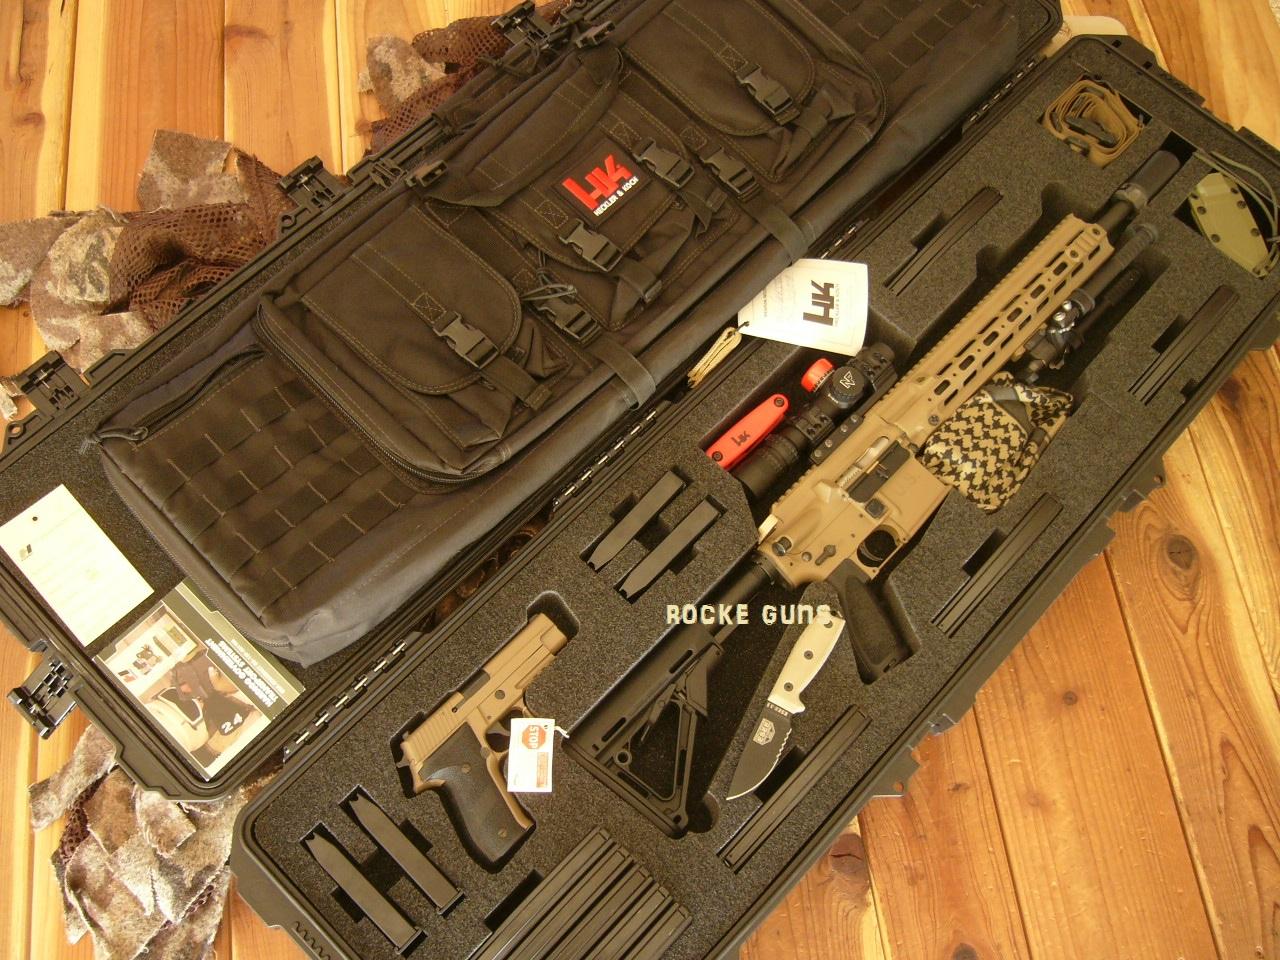 SEAL DEPLOYMENT HK 416 MR556 PKG COMPLETE ISSUE